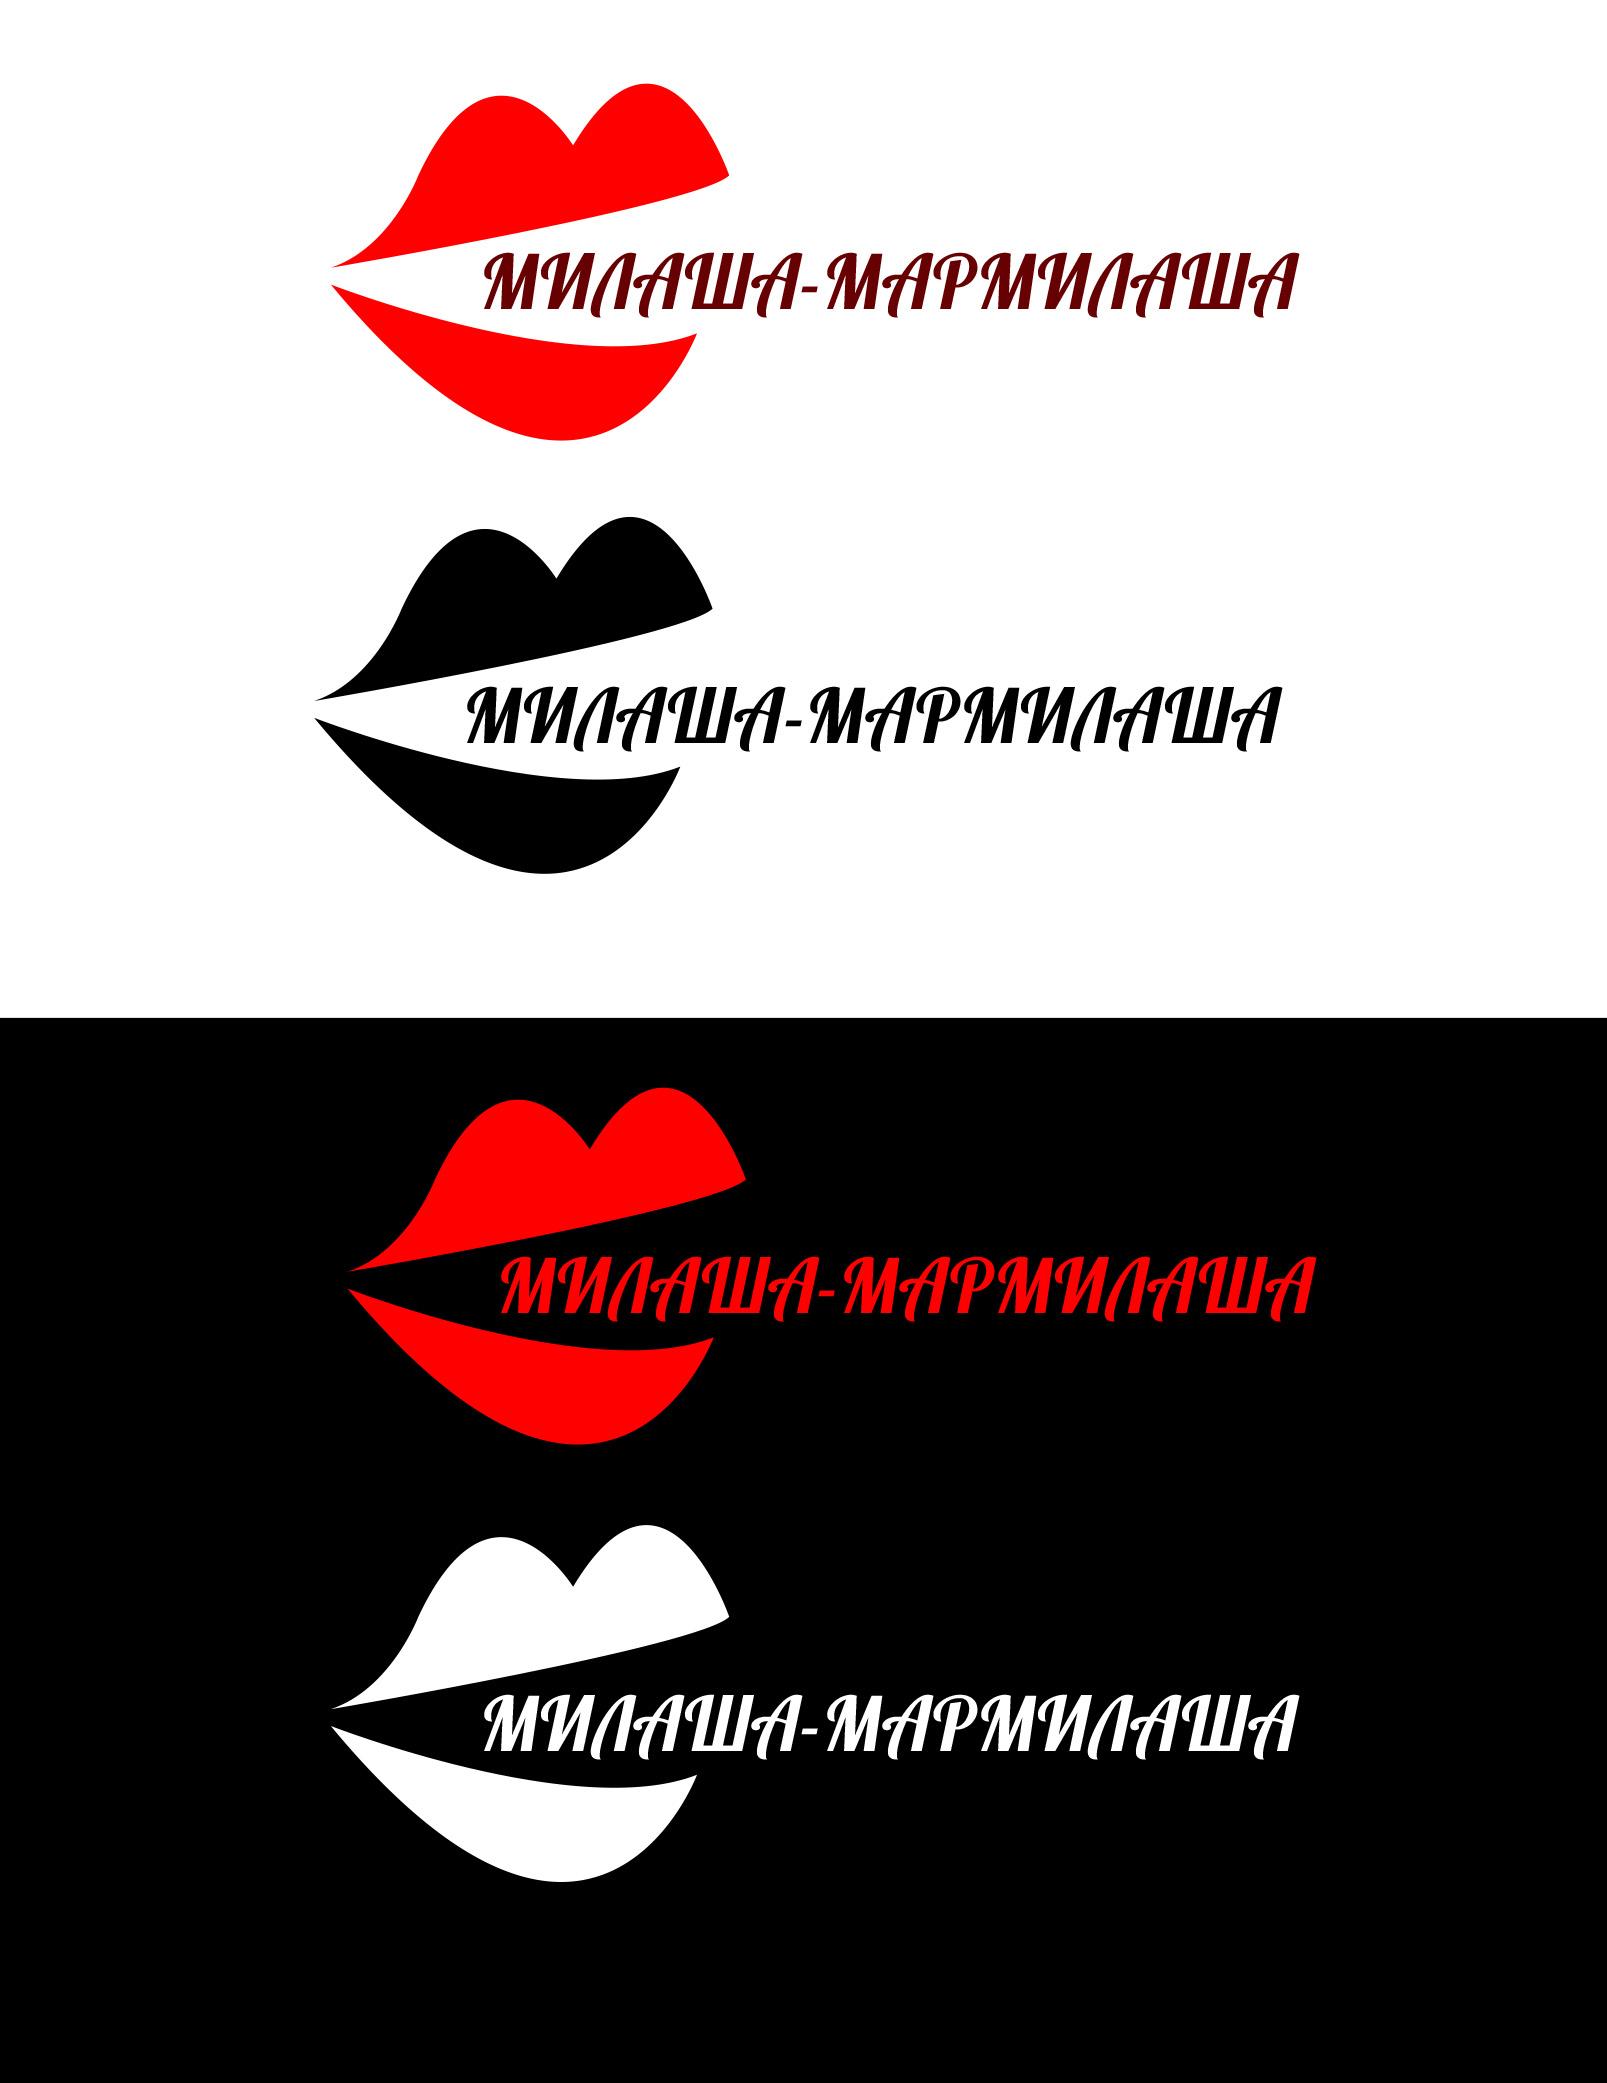 """Логотип для товарного знака """"Милаша-Мармилаша"""" фото f_829587530307ab5f.jpg"""